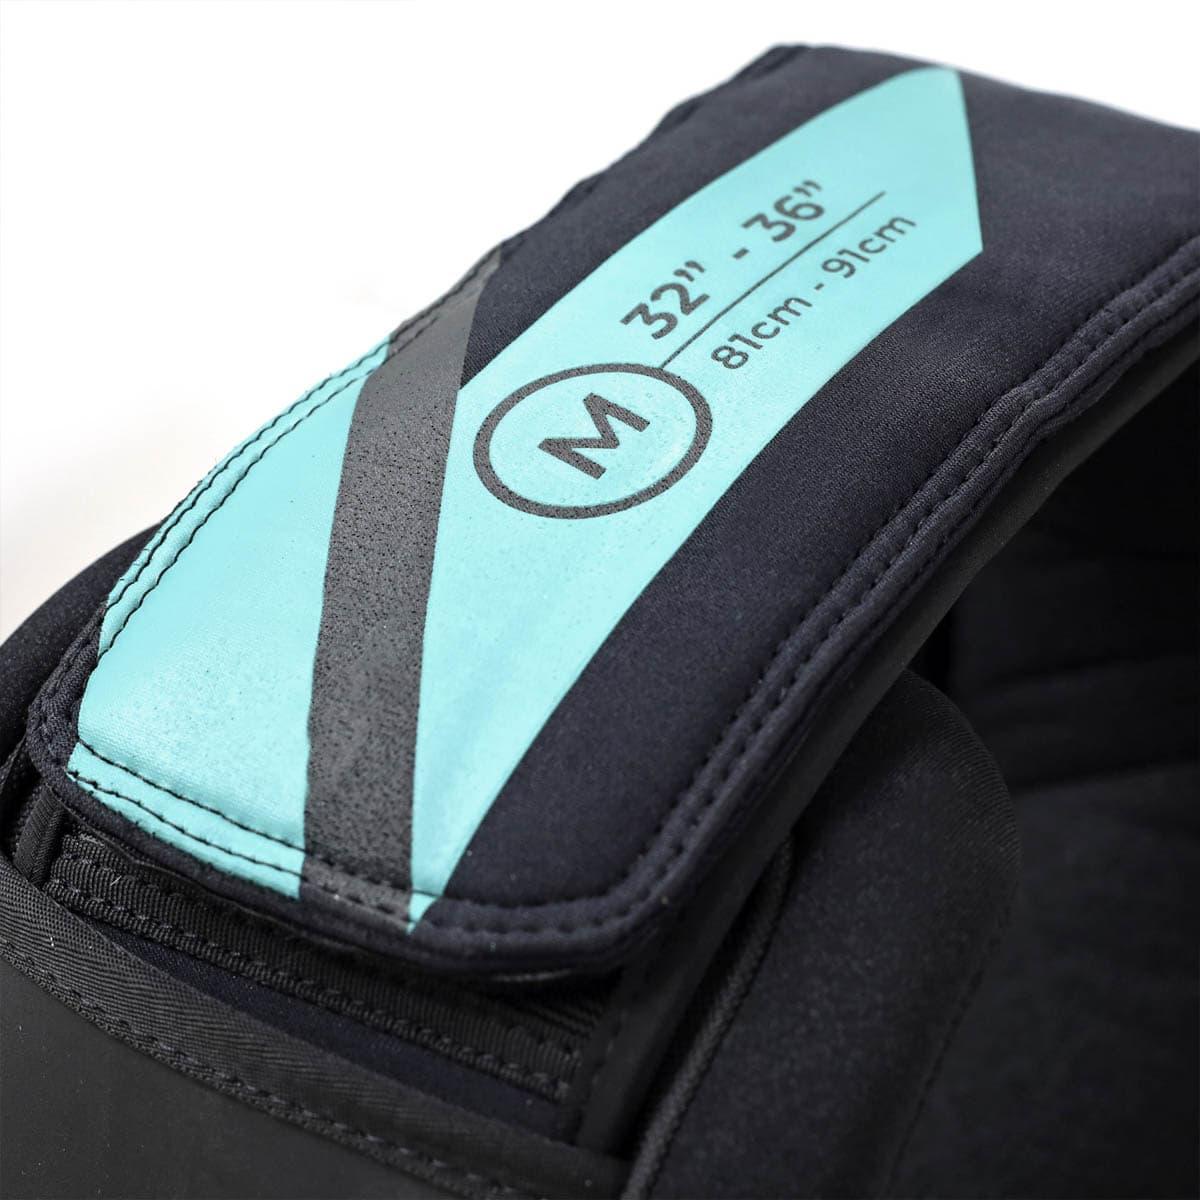 Ride Engine Momentum_-Internal-waist-belt-support-with-hook-knife-pocket